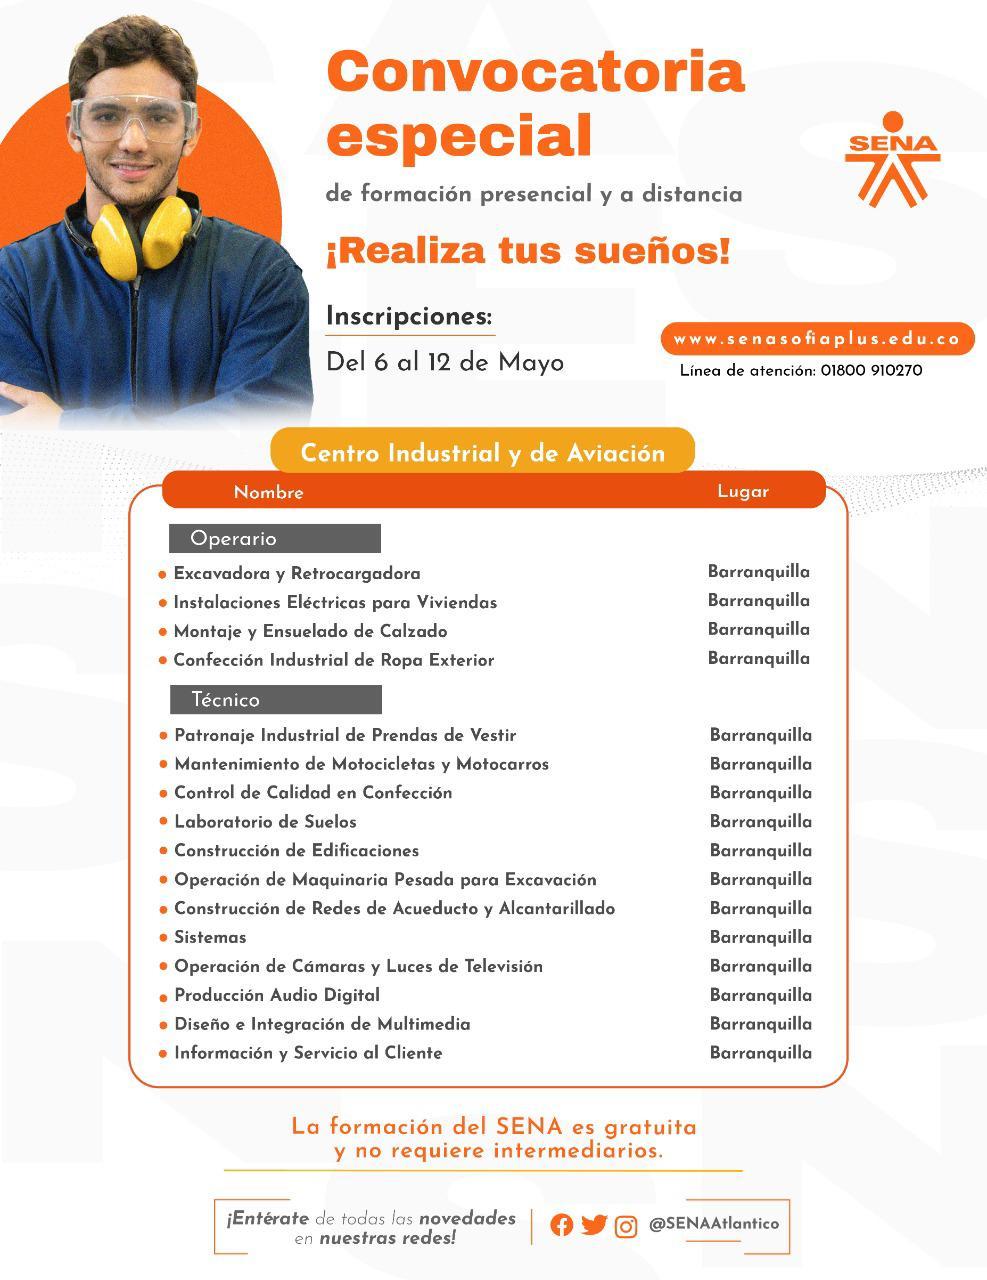 Los interesados en formarse con el SENA a través de esta oferta especial podrán inscribirse del 6 al 12 de mayo a través de www.senasofiaplus.edu.co